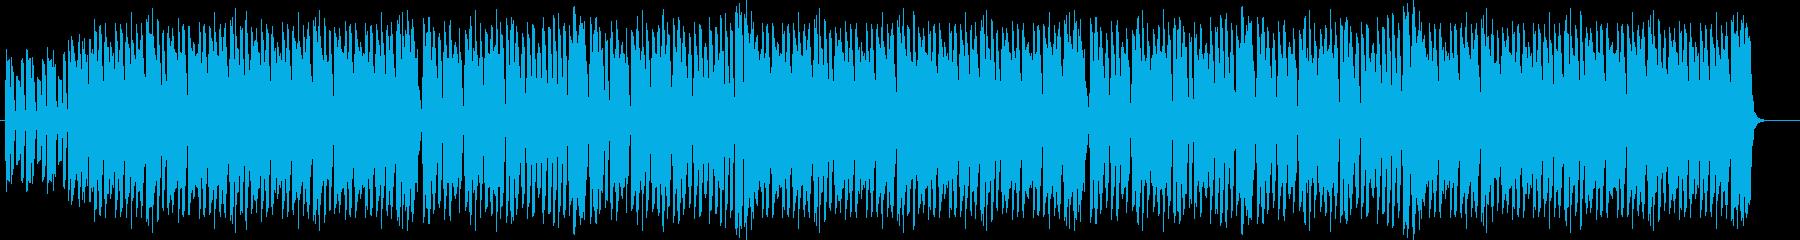 コミカルで、ゆるいハロウィンBGMの再生済みの波形